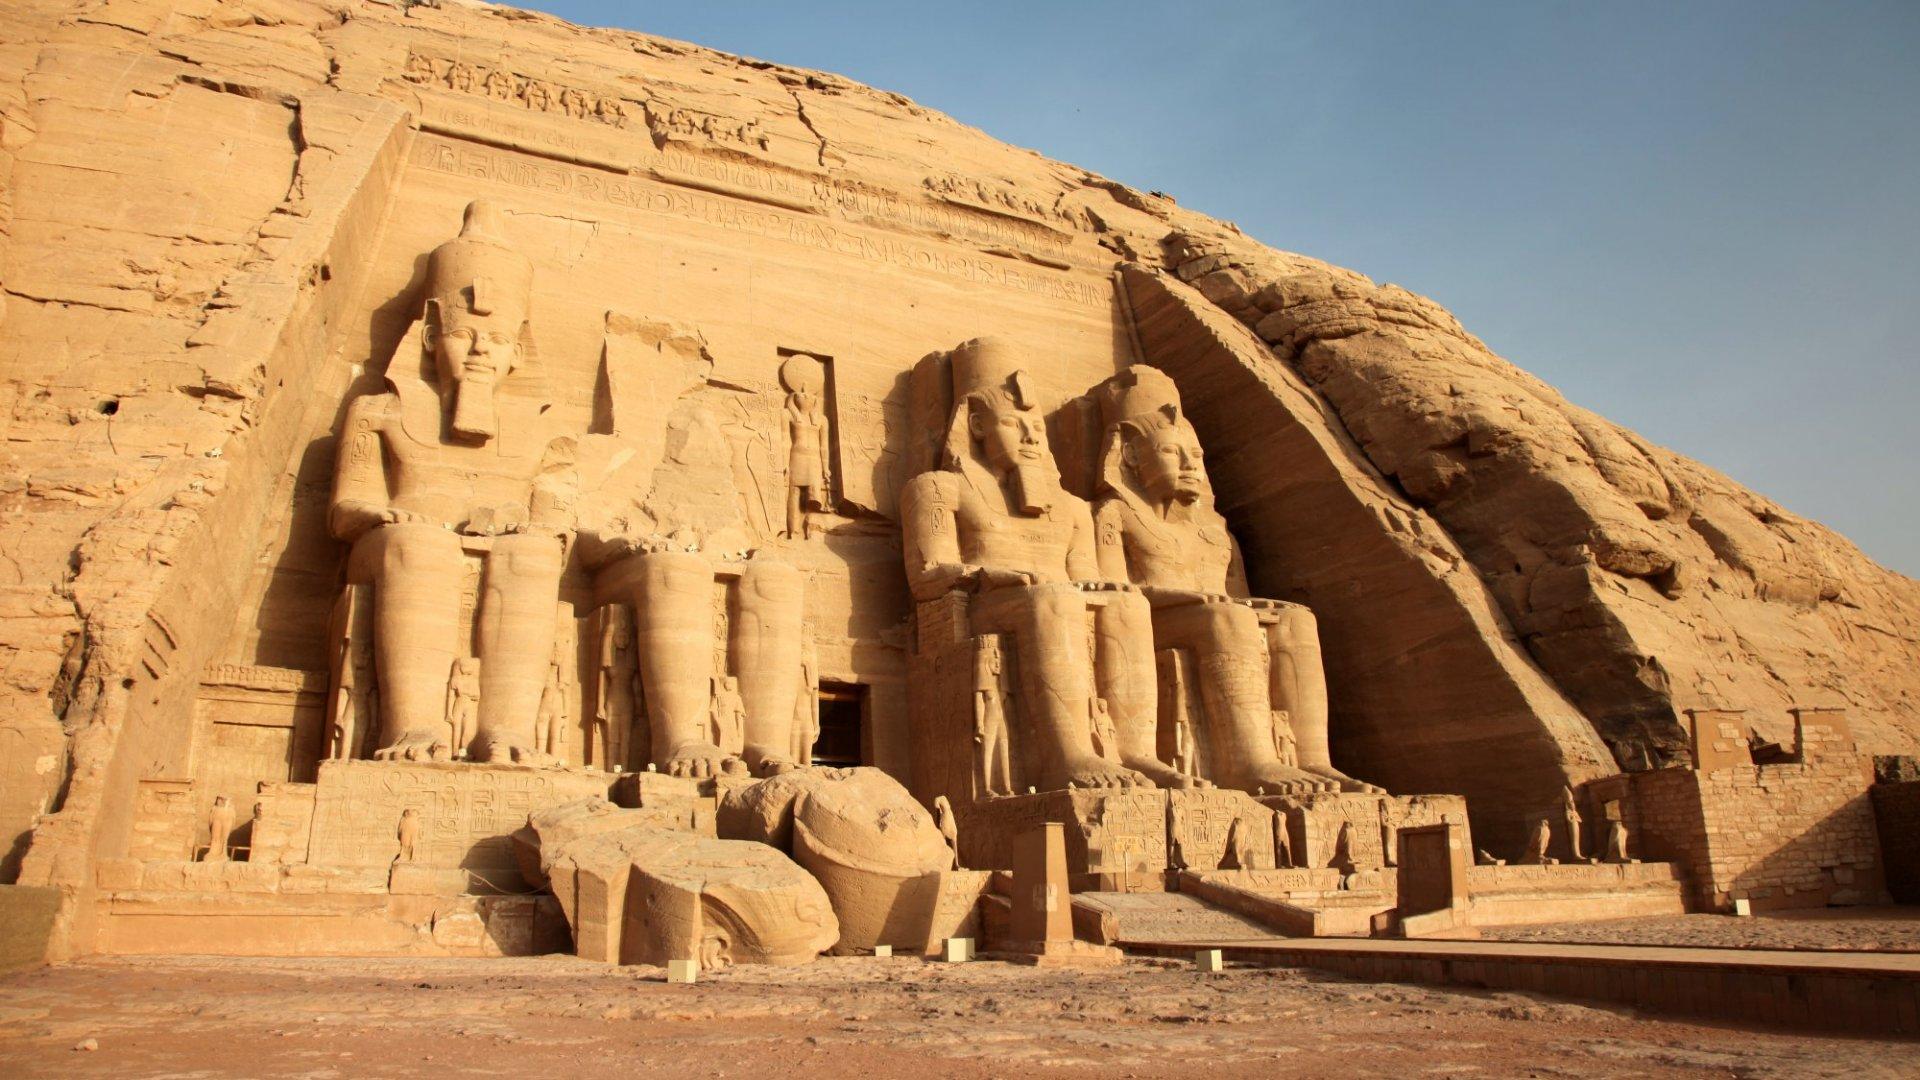 Best Kept Travel Secrets: Should You Make the Journey to Abu Simbel?